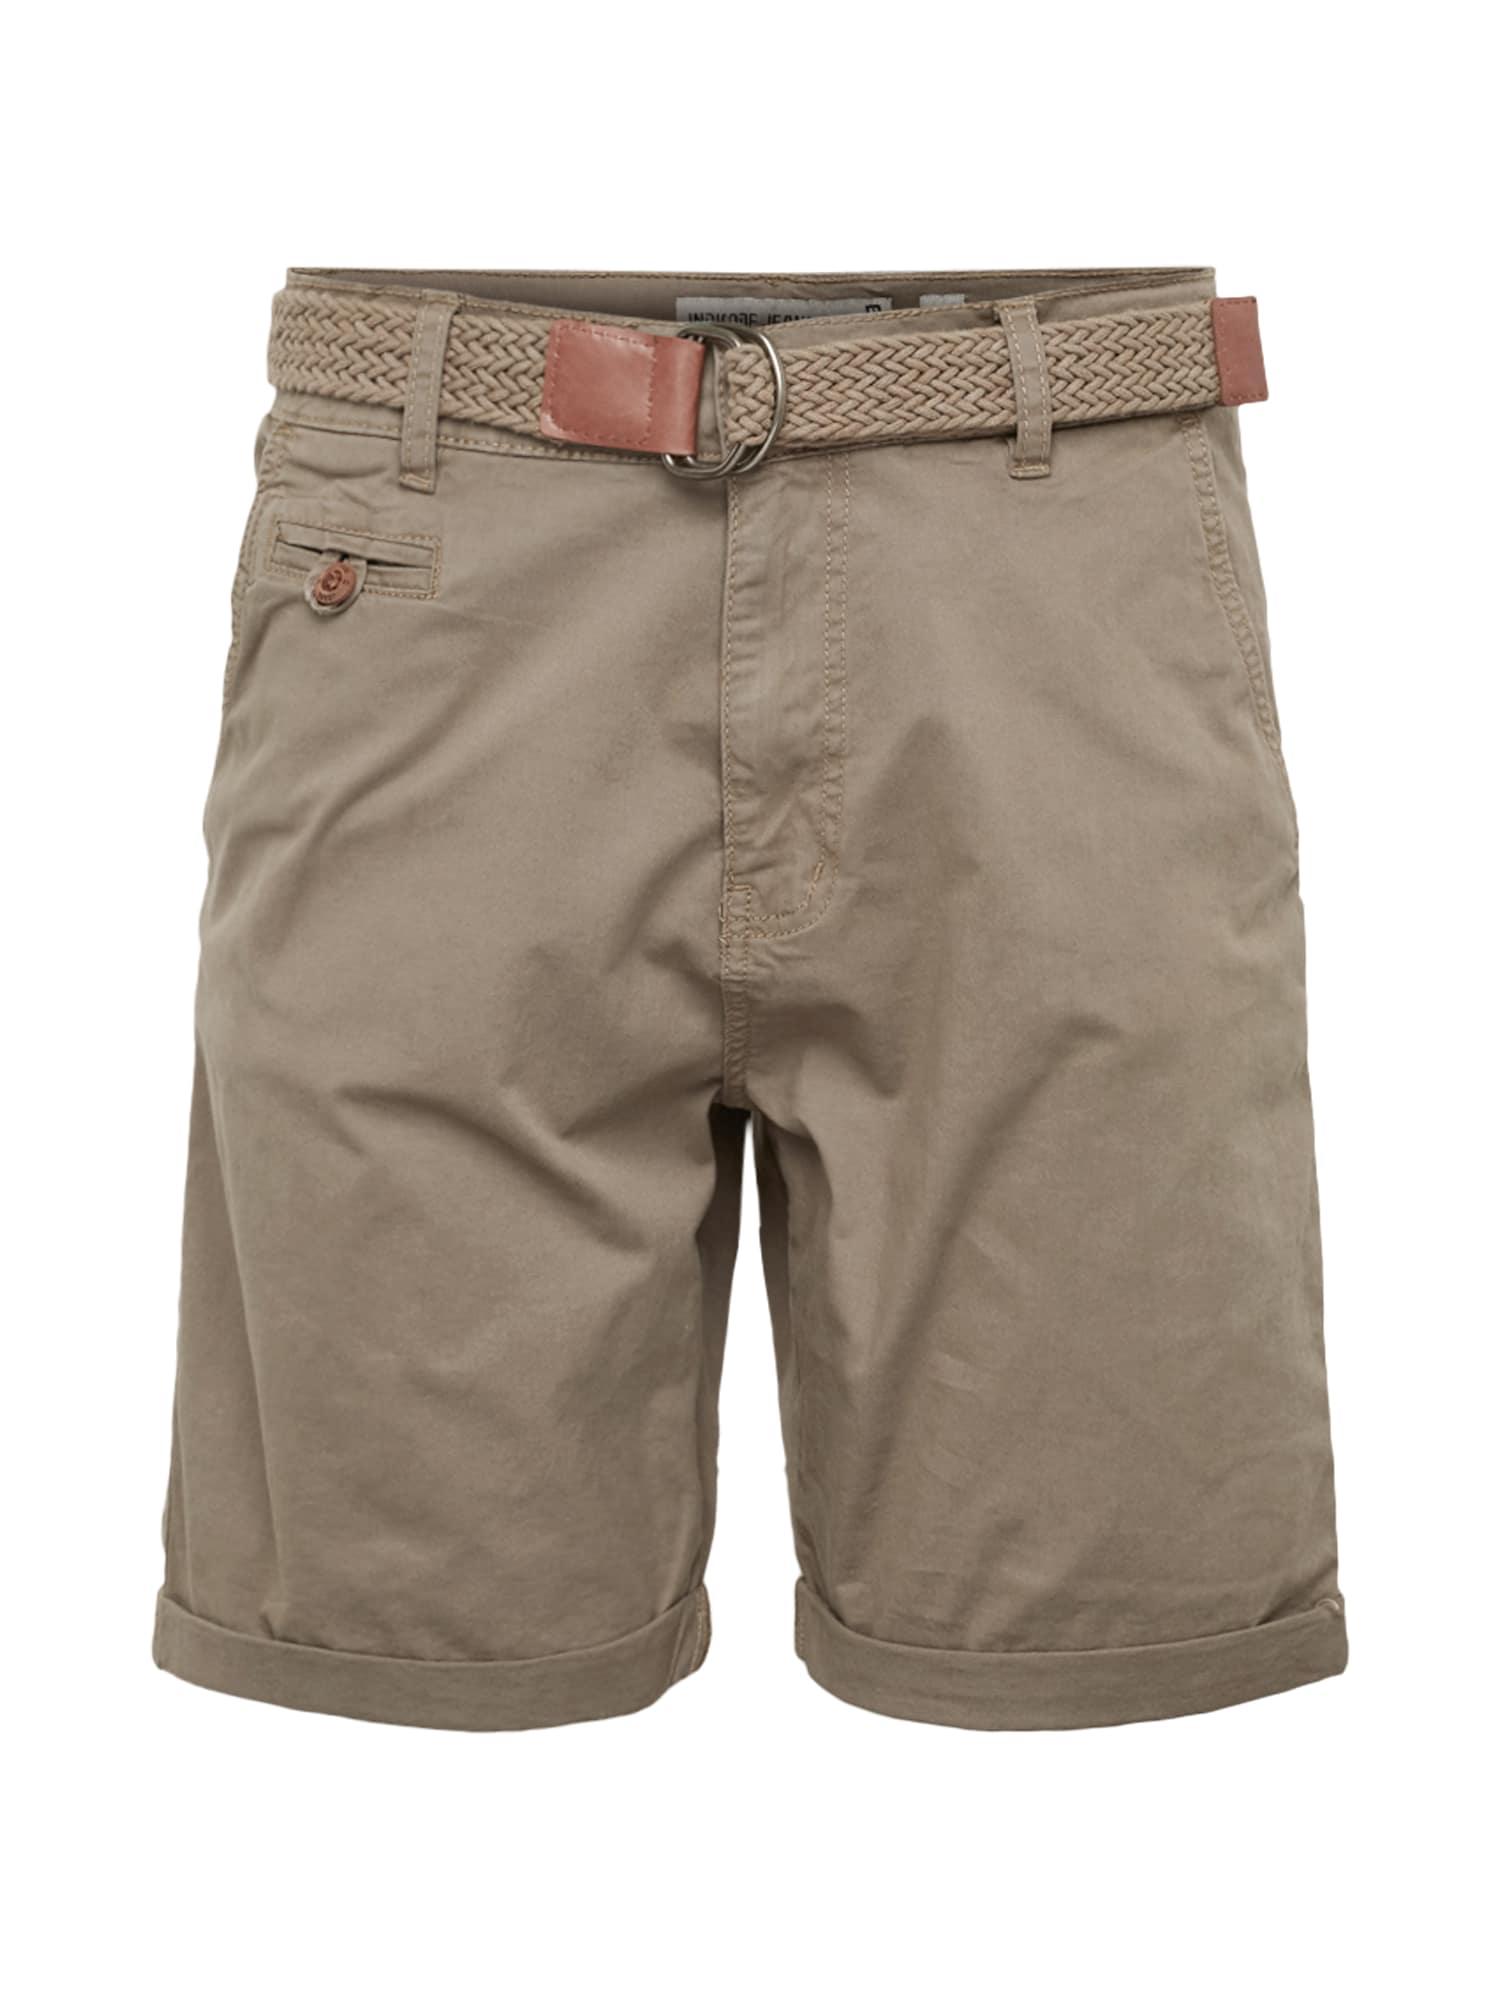 INDICODE JEANS Chino stiliaus kelnės 'Conor' pilka